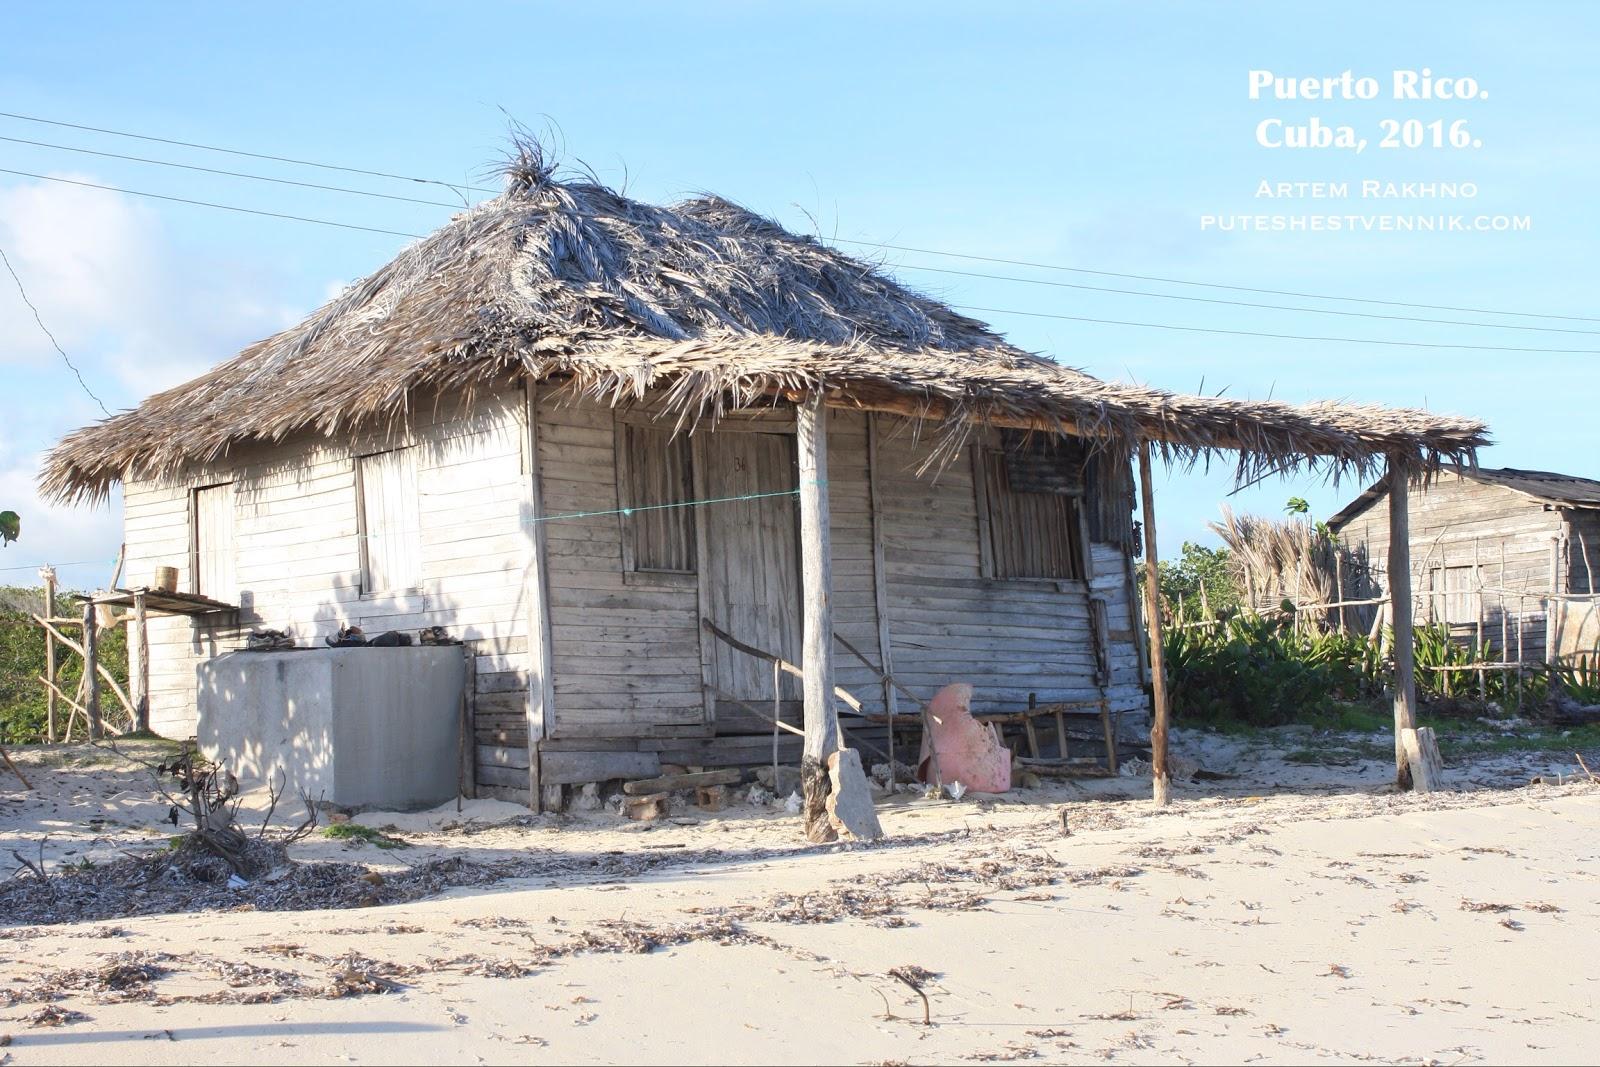 Хижина с крышей из пальмовых листьев в деревне на Кубе